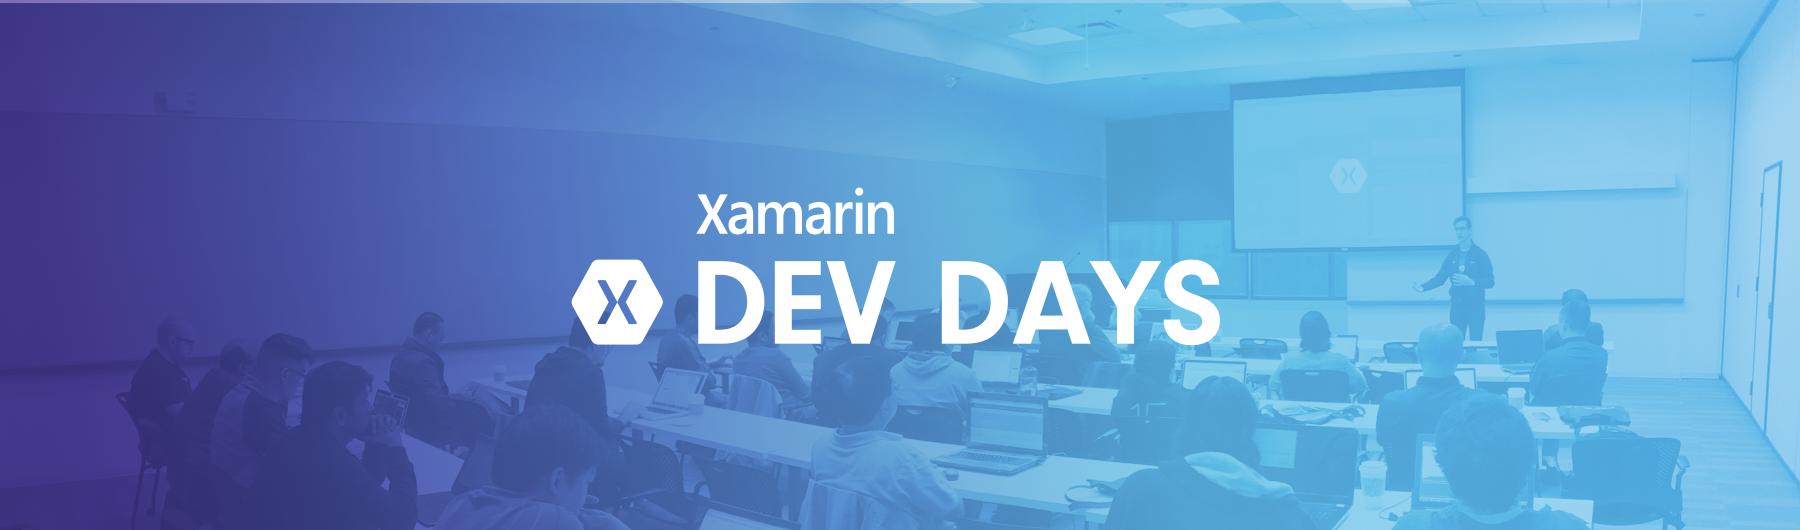 Xamarin Dev Days - Seville